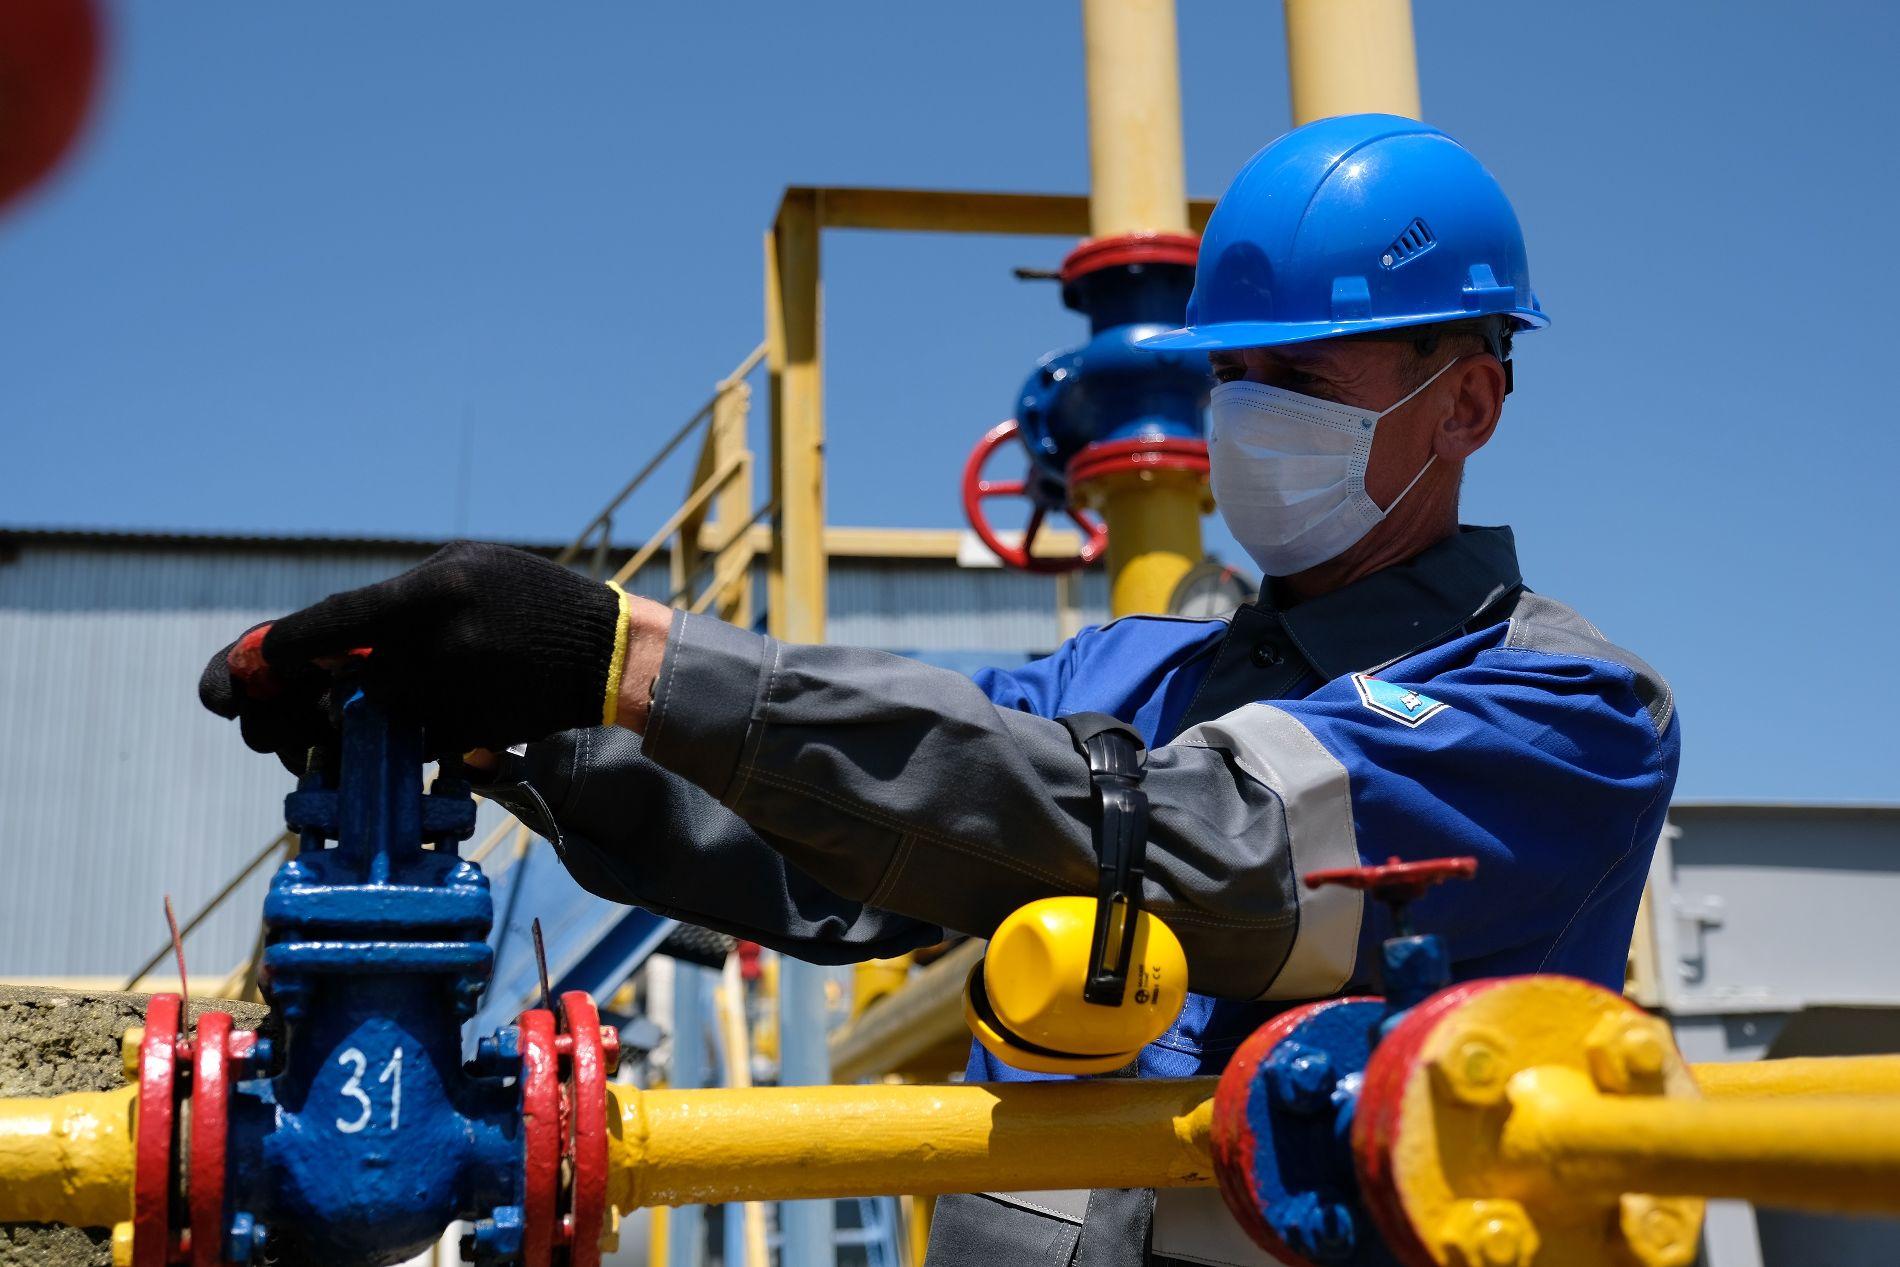 Работники соблюдают все меры предосторожности ©Изображение предоставлено пресс-службой ООО «Газпром добыча Краснодар»